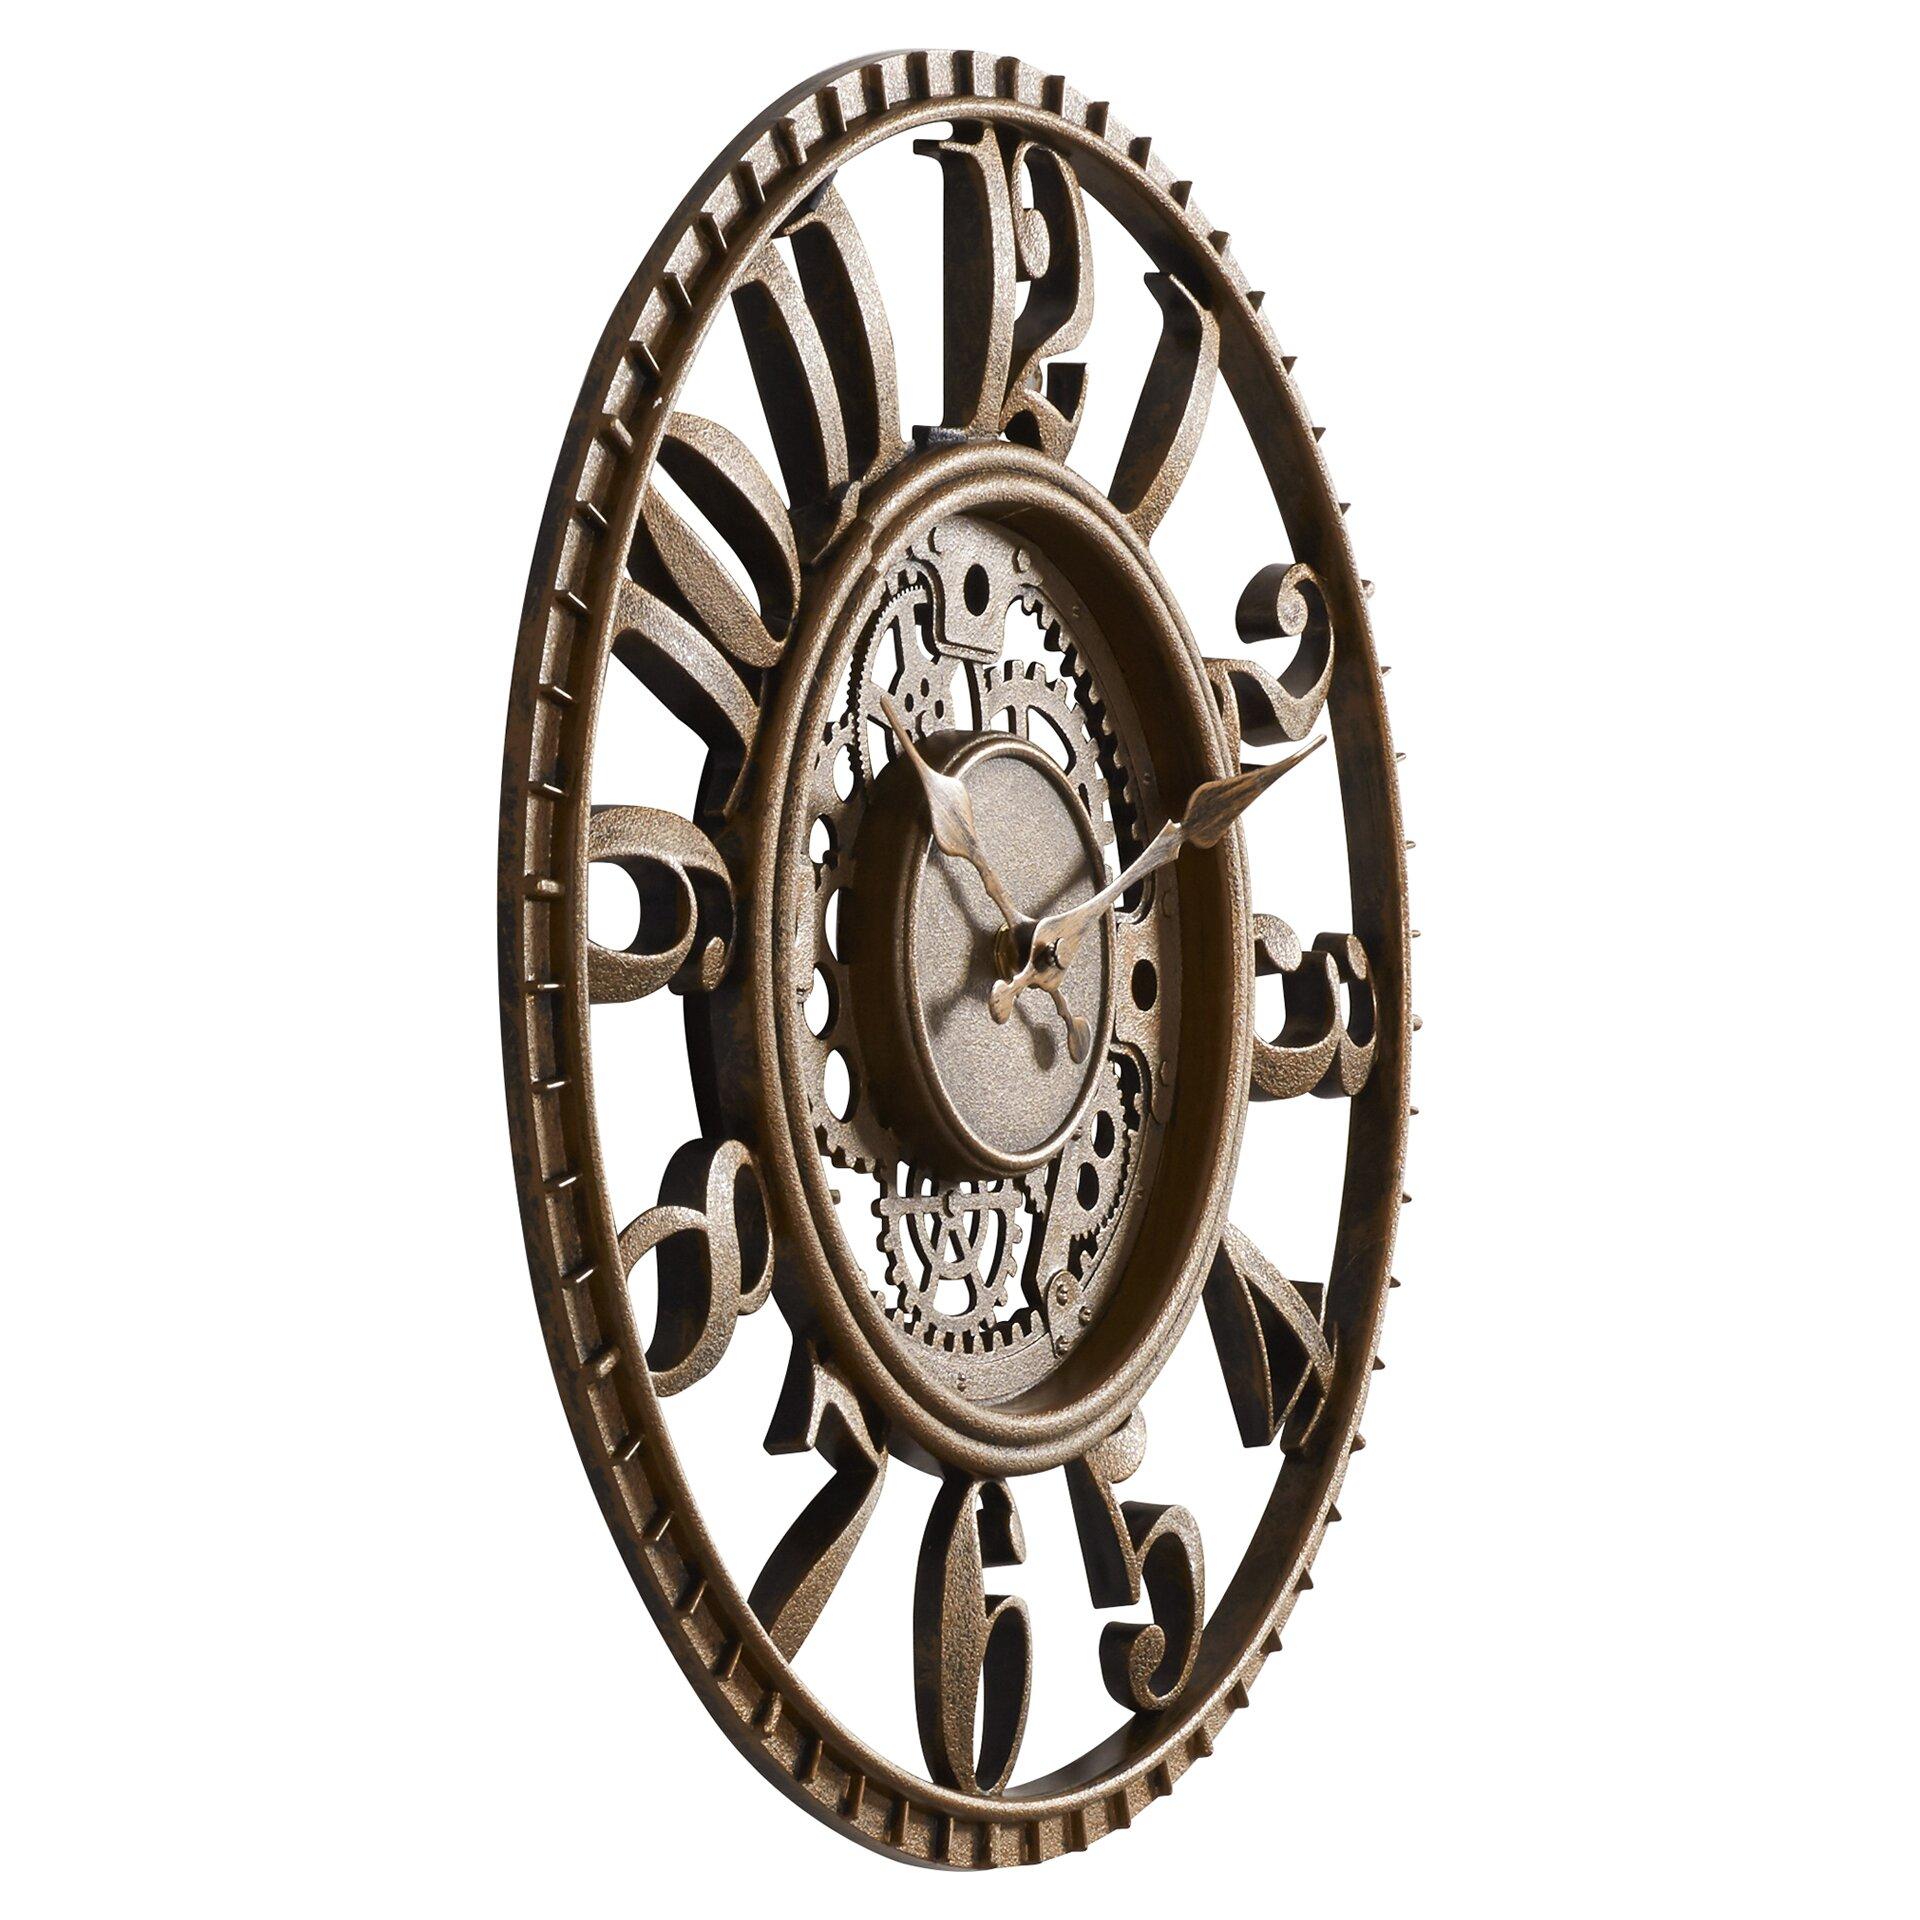 Knoll 15 5 Quot Open Dial Gear Wall Clock Wayfair